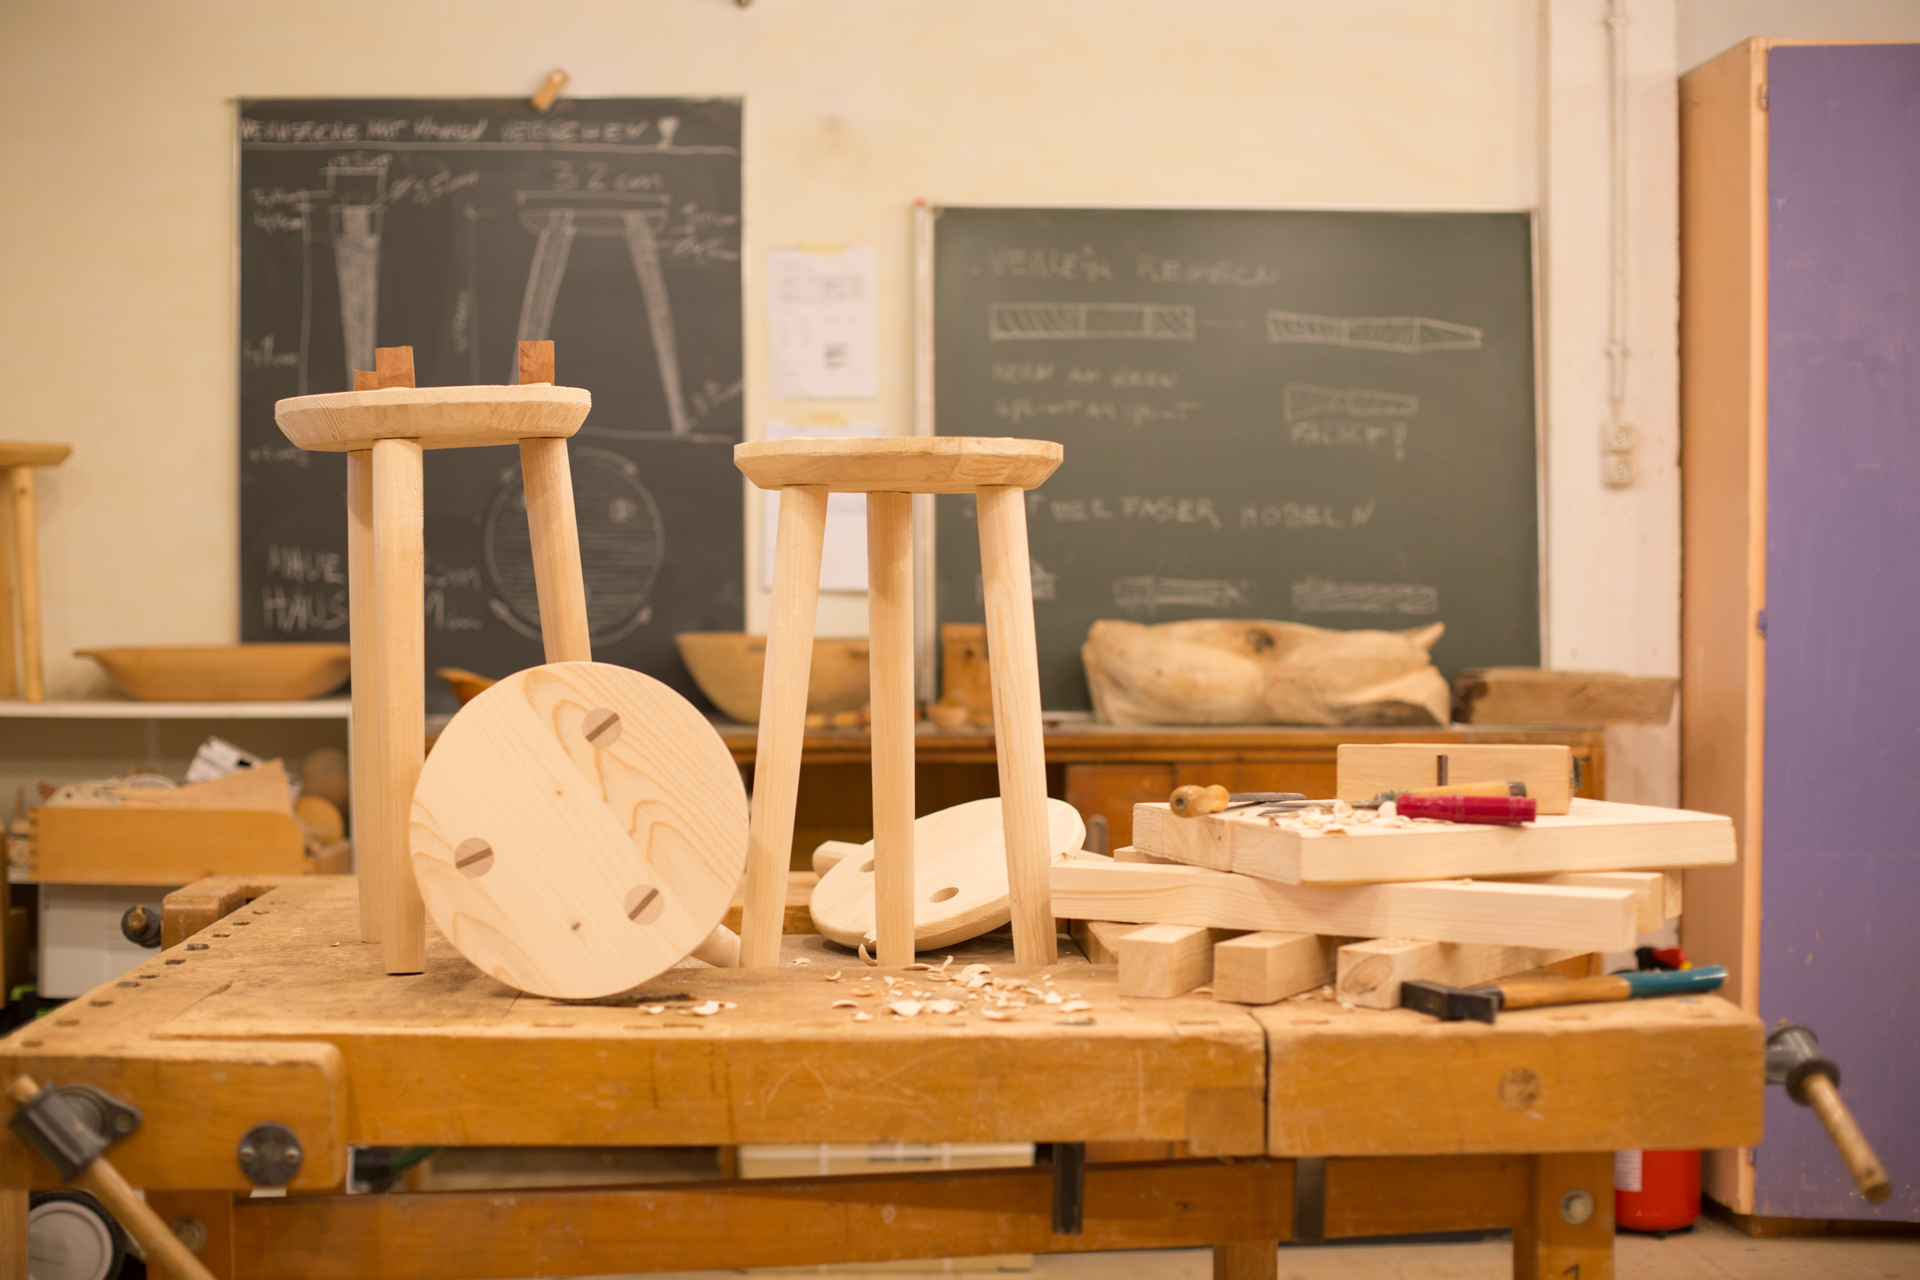 steinerschule-9513.jpg